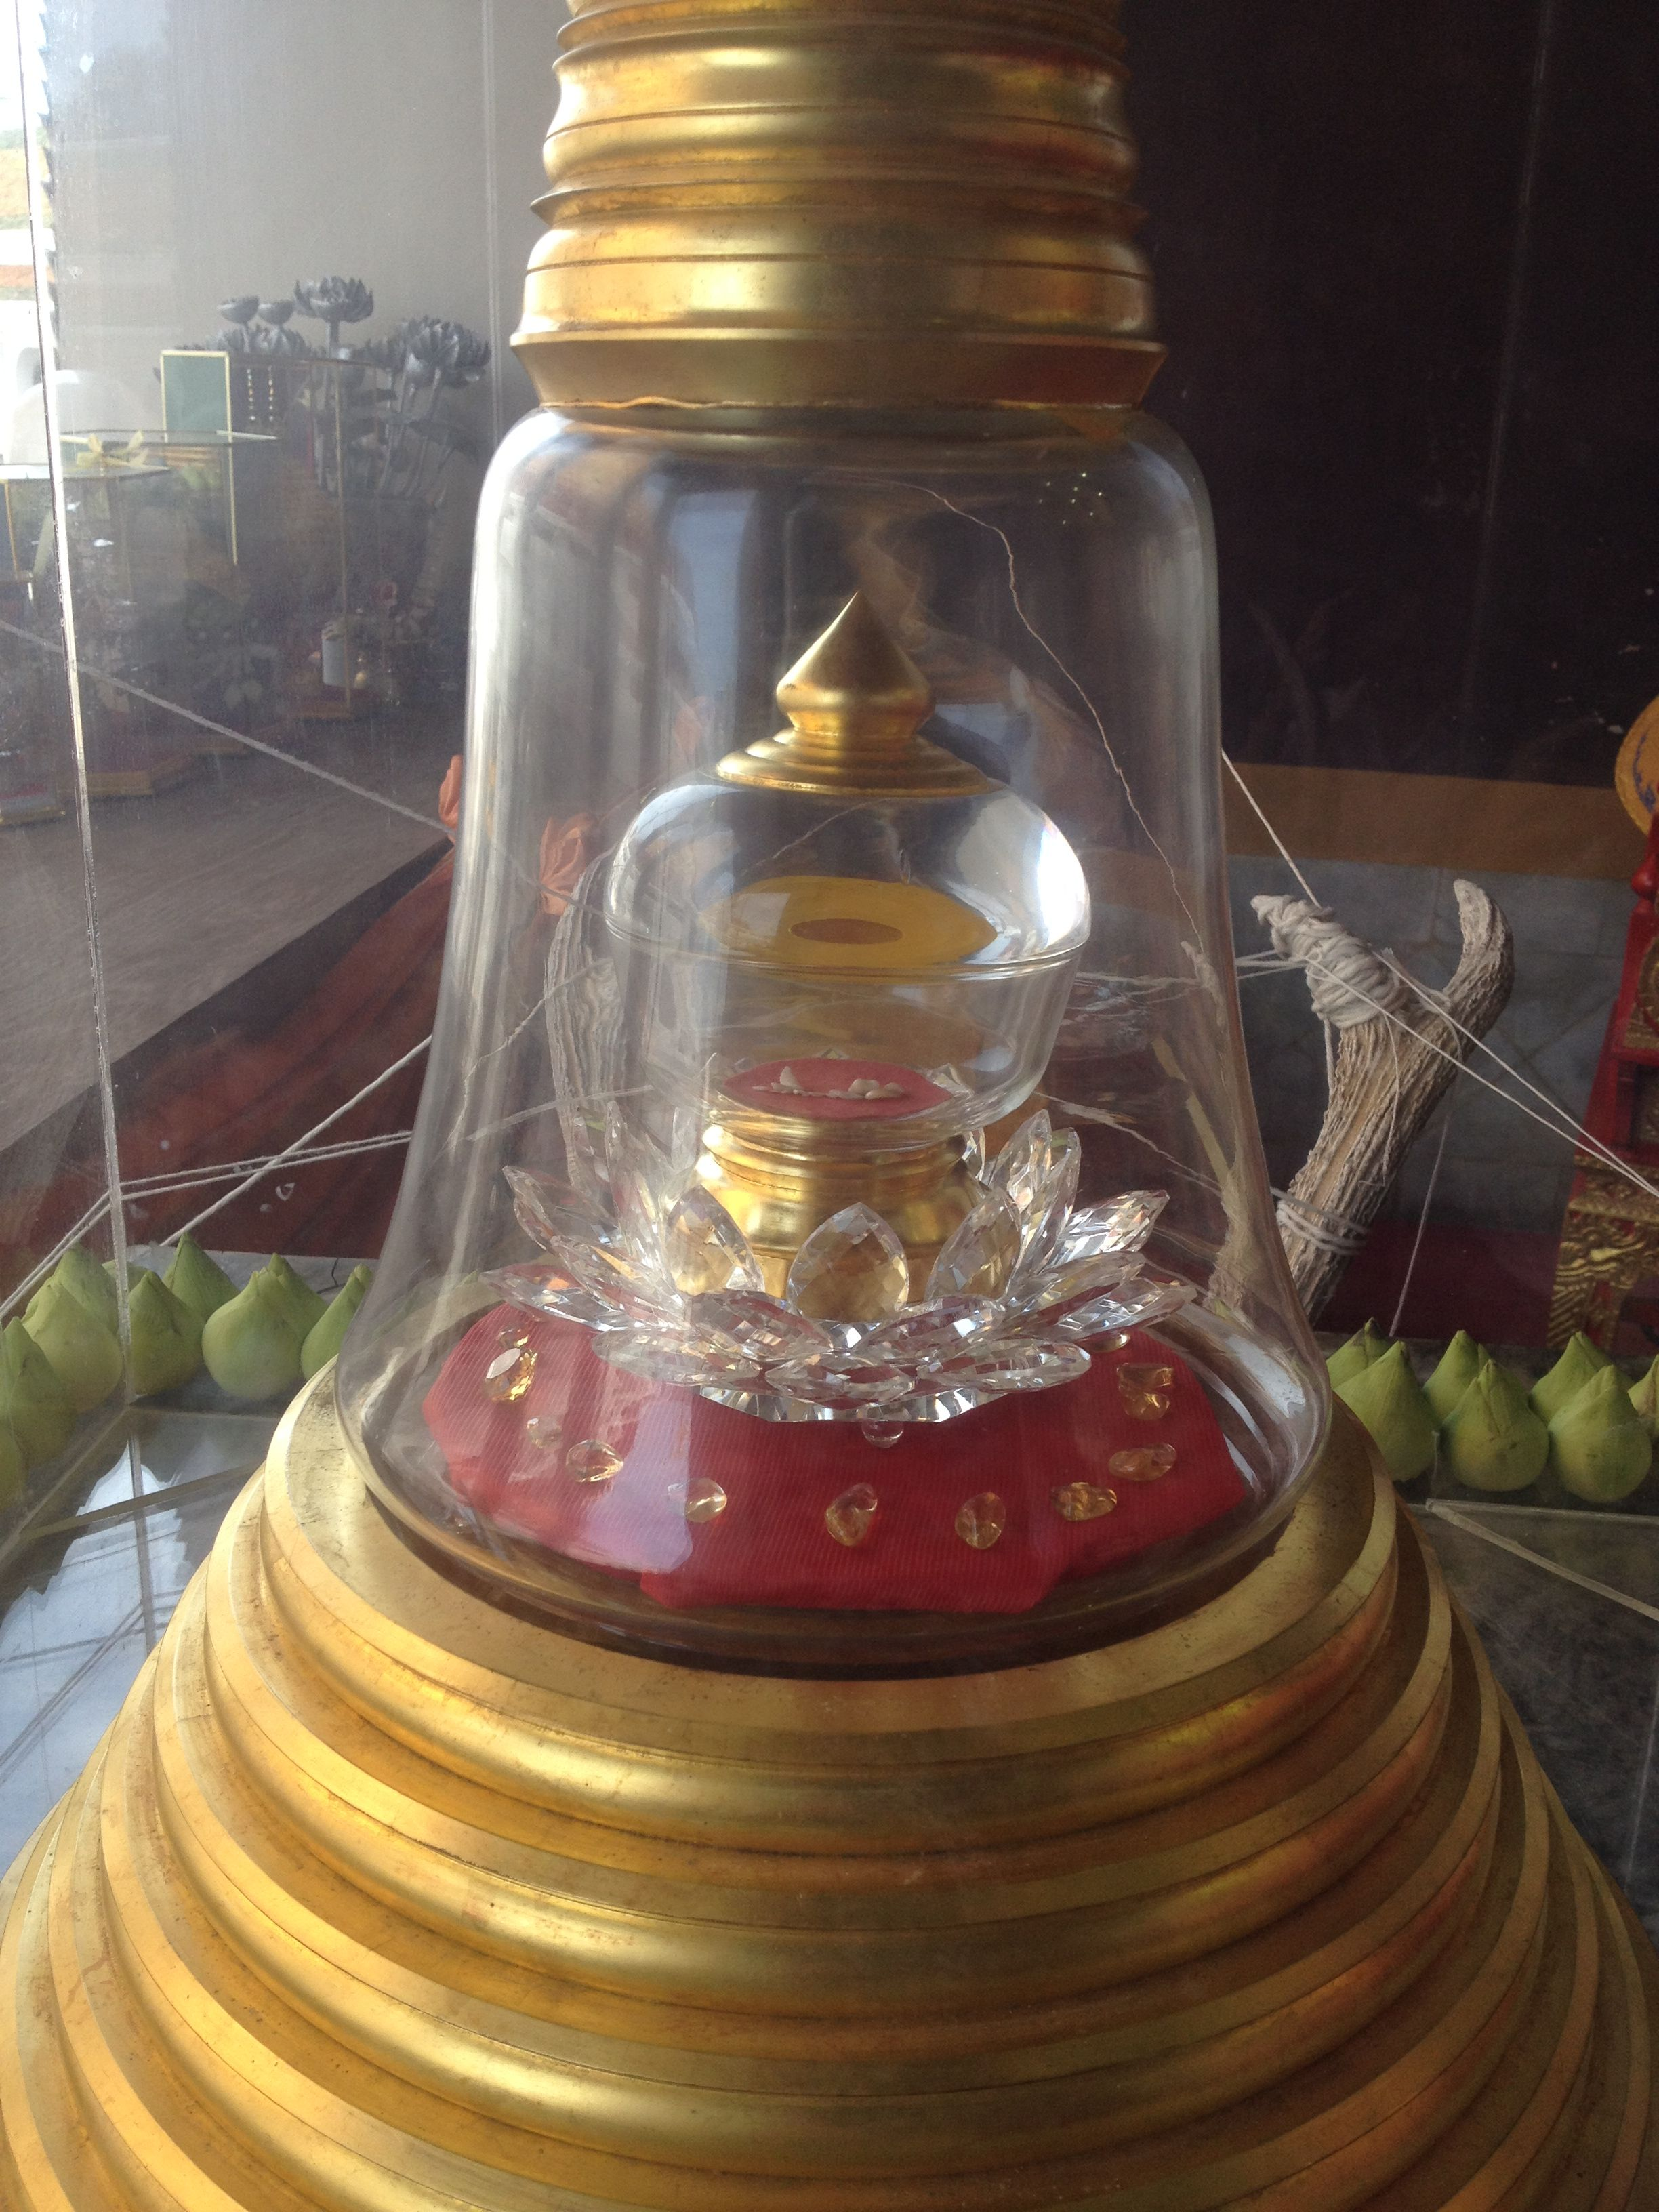 พระบรมสารีริกธาตุ ในวัดพระปฐมเจดีย์ จะเป็นมงคลมากถ้าได้มาบูชา  โดยใช้ดอกบัวสดหนึ่งดอกในการสักการะบูชา